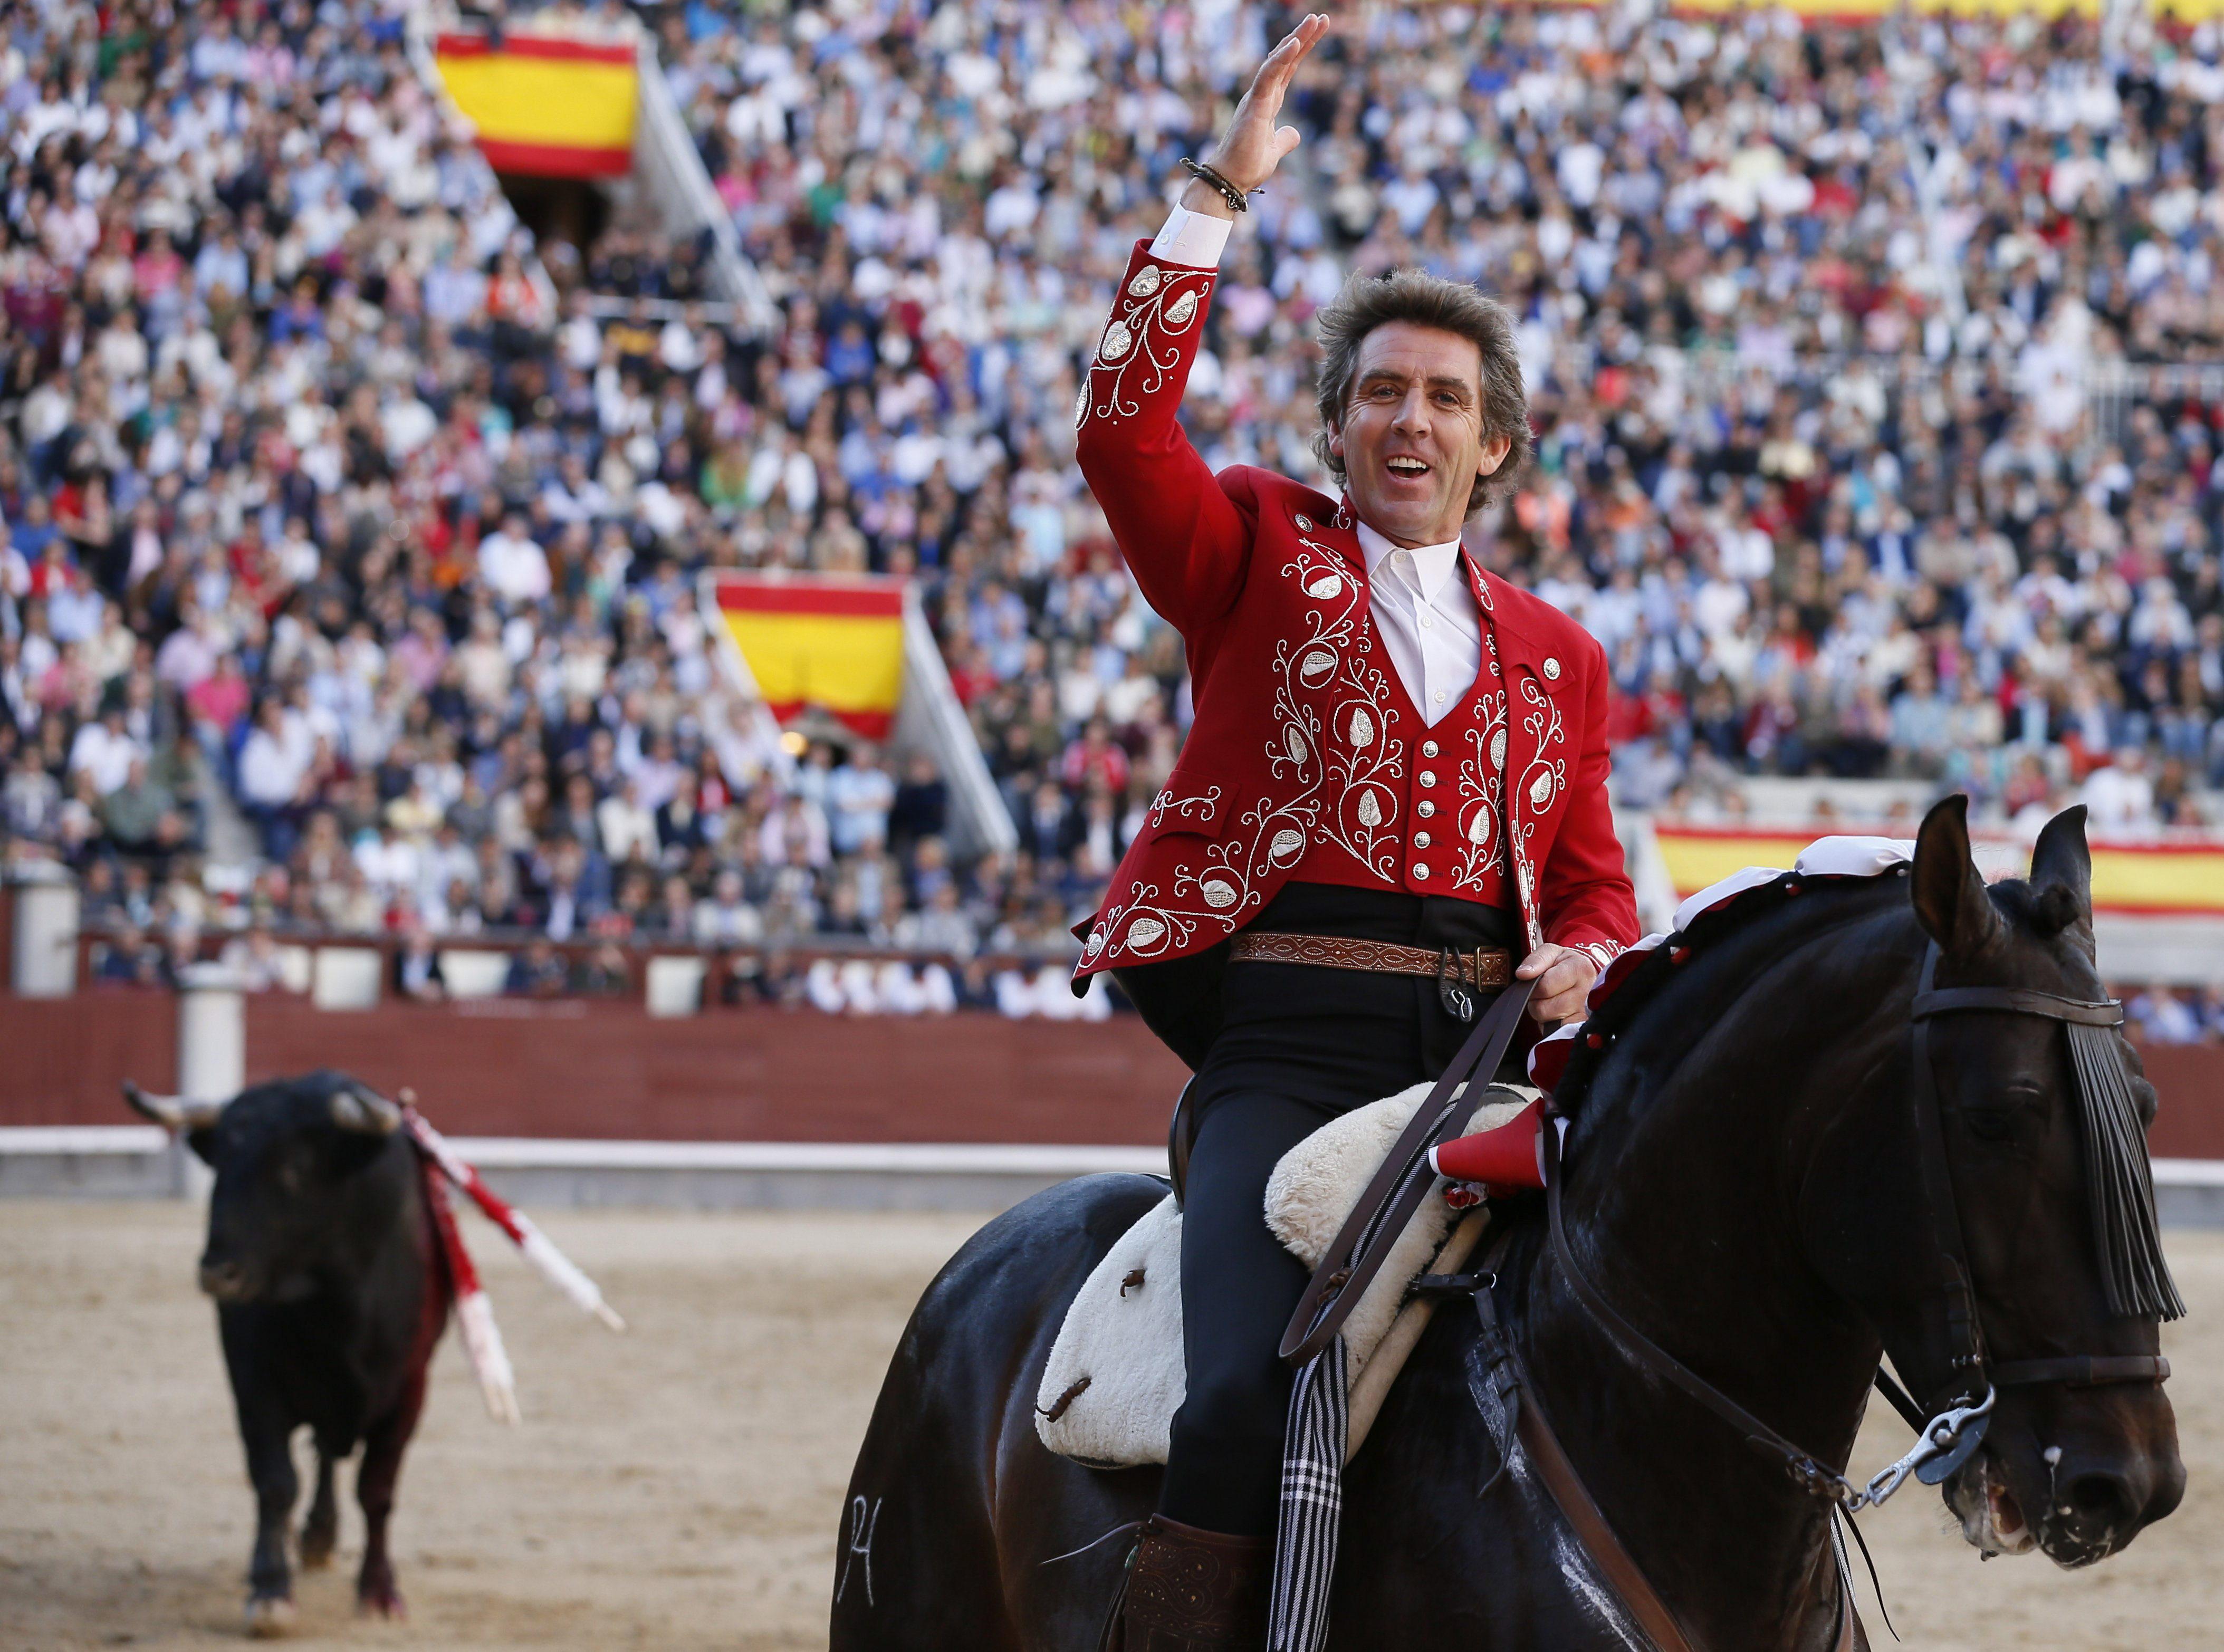 GRA223. MADRID, 31/05/2014.- El rejoneador Pablo Hermoso de Mendoza saluda al respetable durante la faena a su primero en el vigésimo segundo festejo de la feria de San Isidro, celebrado hoy en la Monumental de Las Ventas, en Madrid, en el que ha compartido cartel con Sergio Galán y Manuel Manzanares, que confirma alternativa, con toros de Fermín Bohórquez. EFE/JuanJo Martin